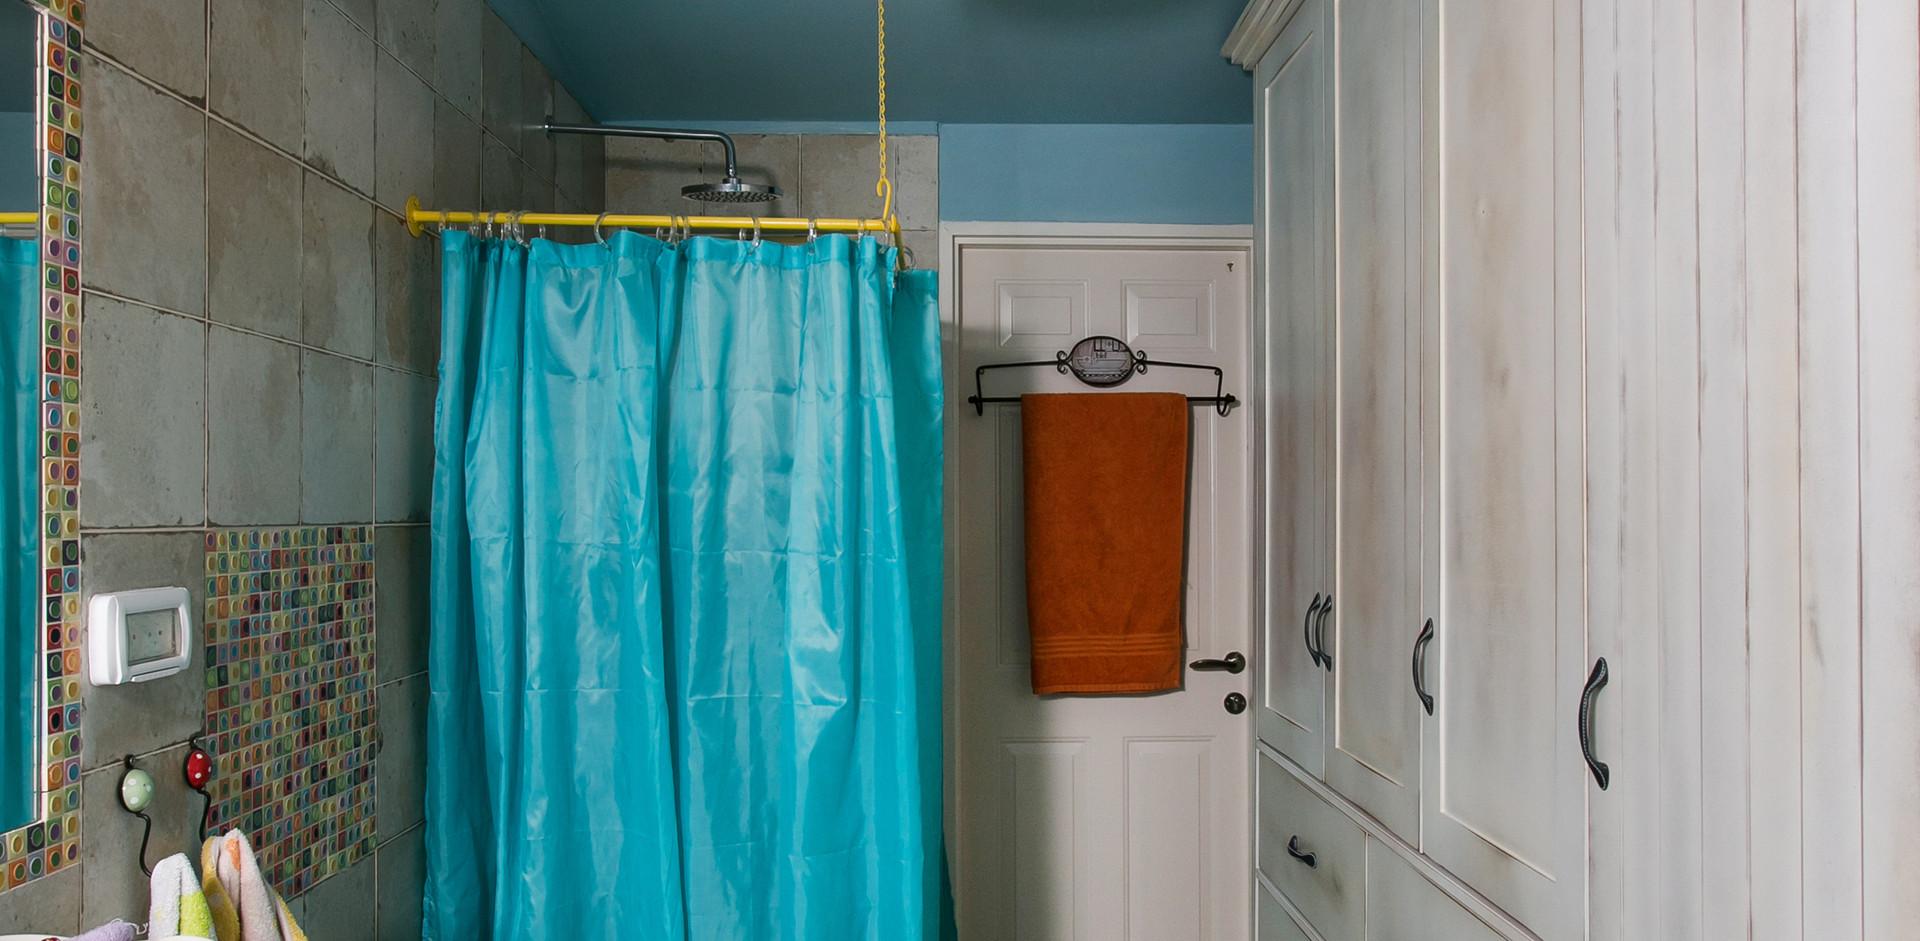 ארון אחסון ענקי גם הוא חלק מחלל חדר האמבטיה